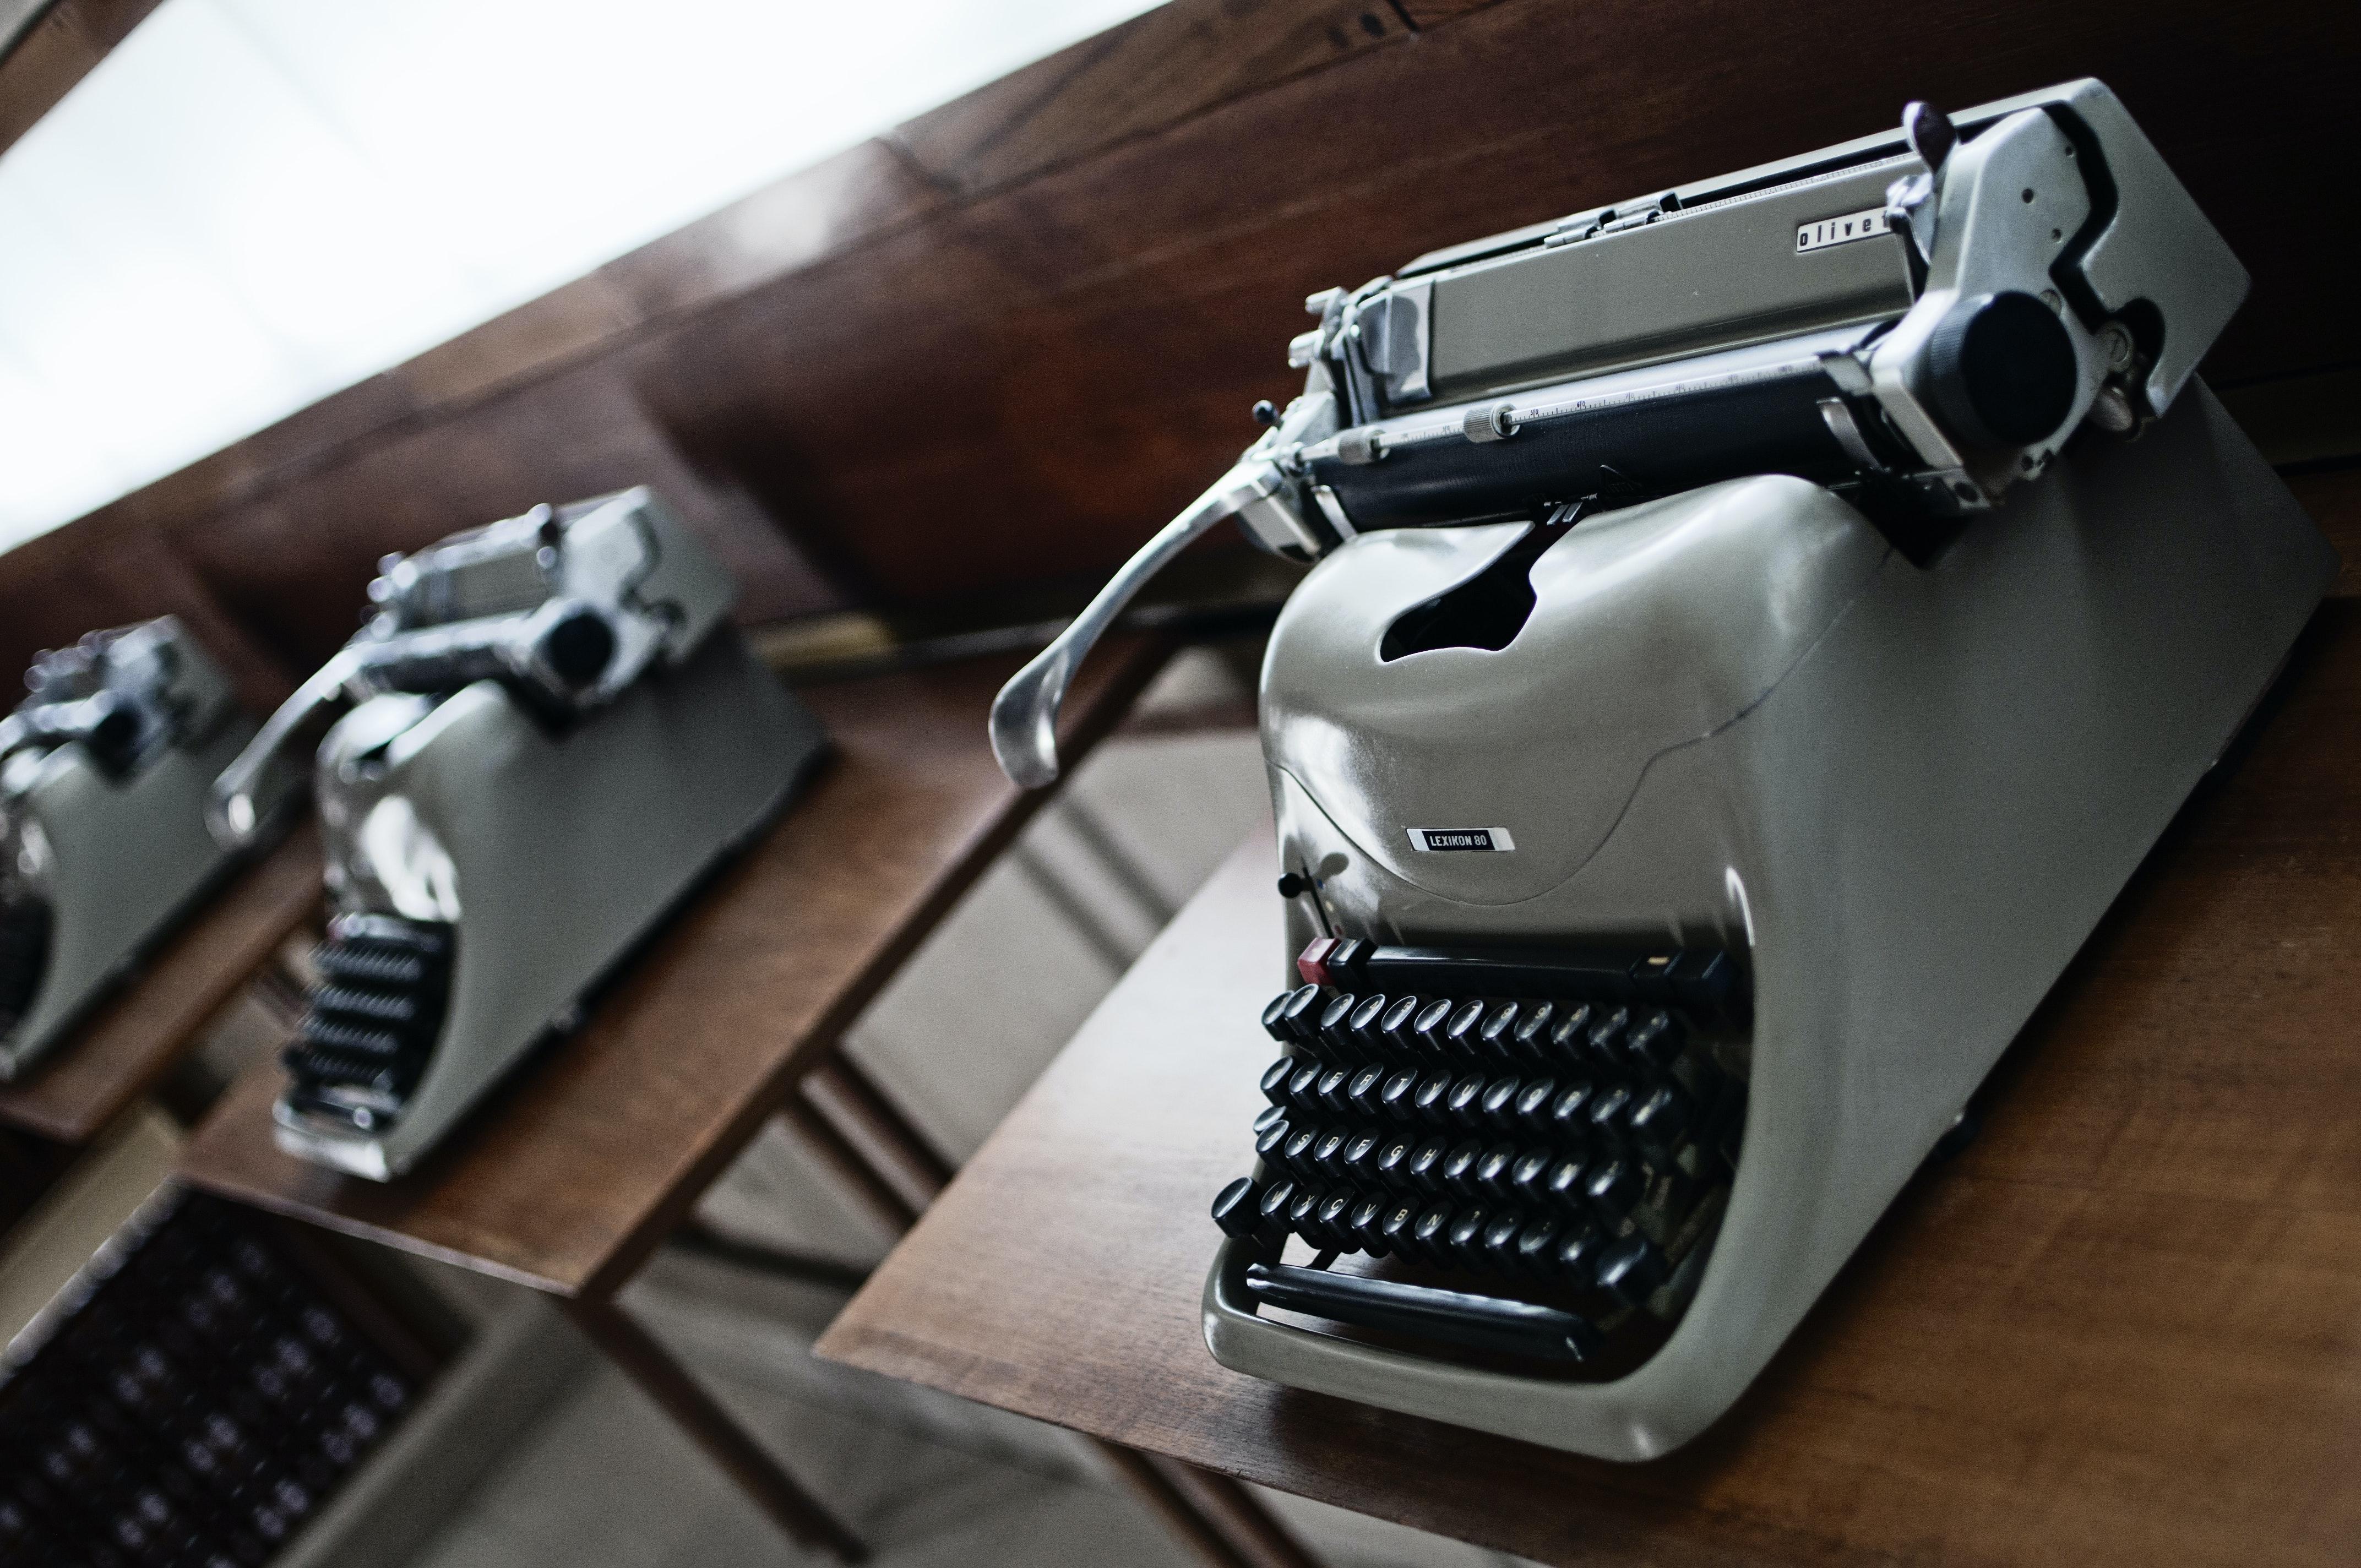 Esposizione macchine Olivetti, NEGOZIO OLIVETTI, VENEZIA (VE )